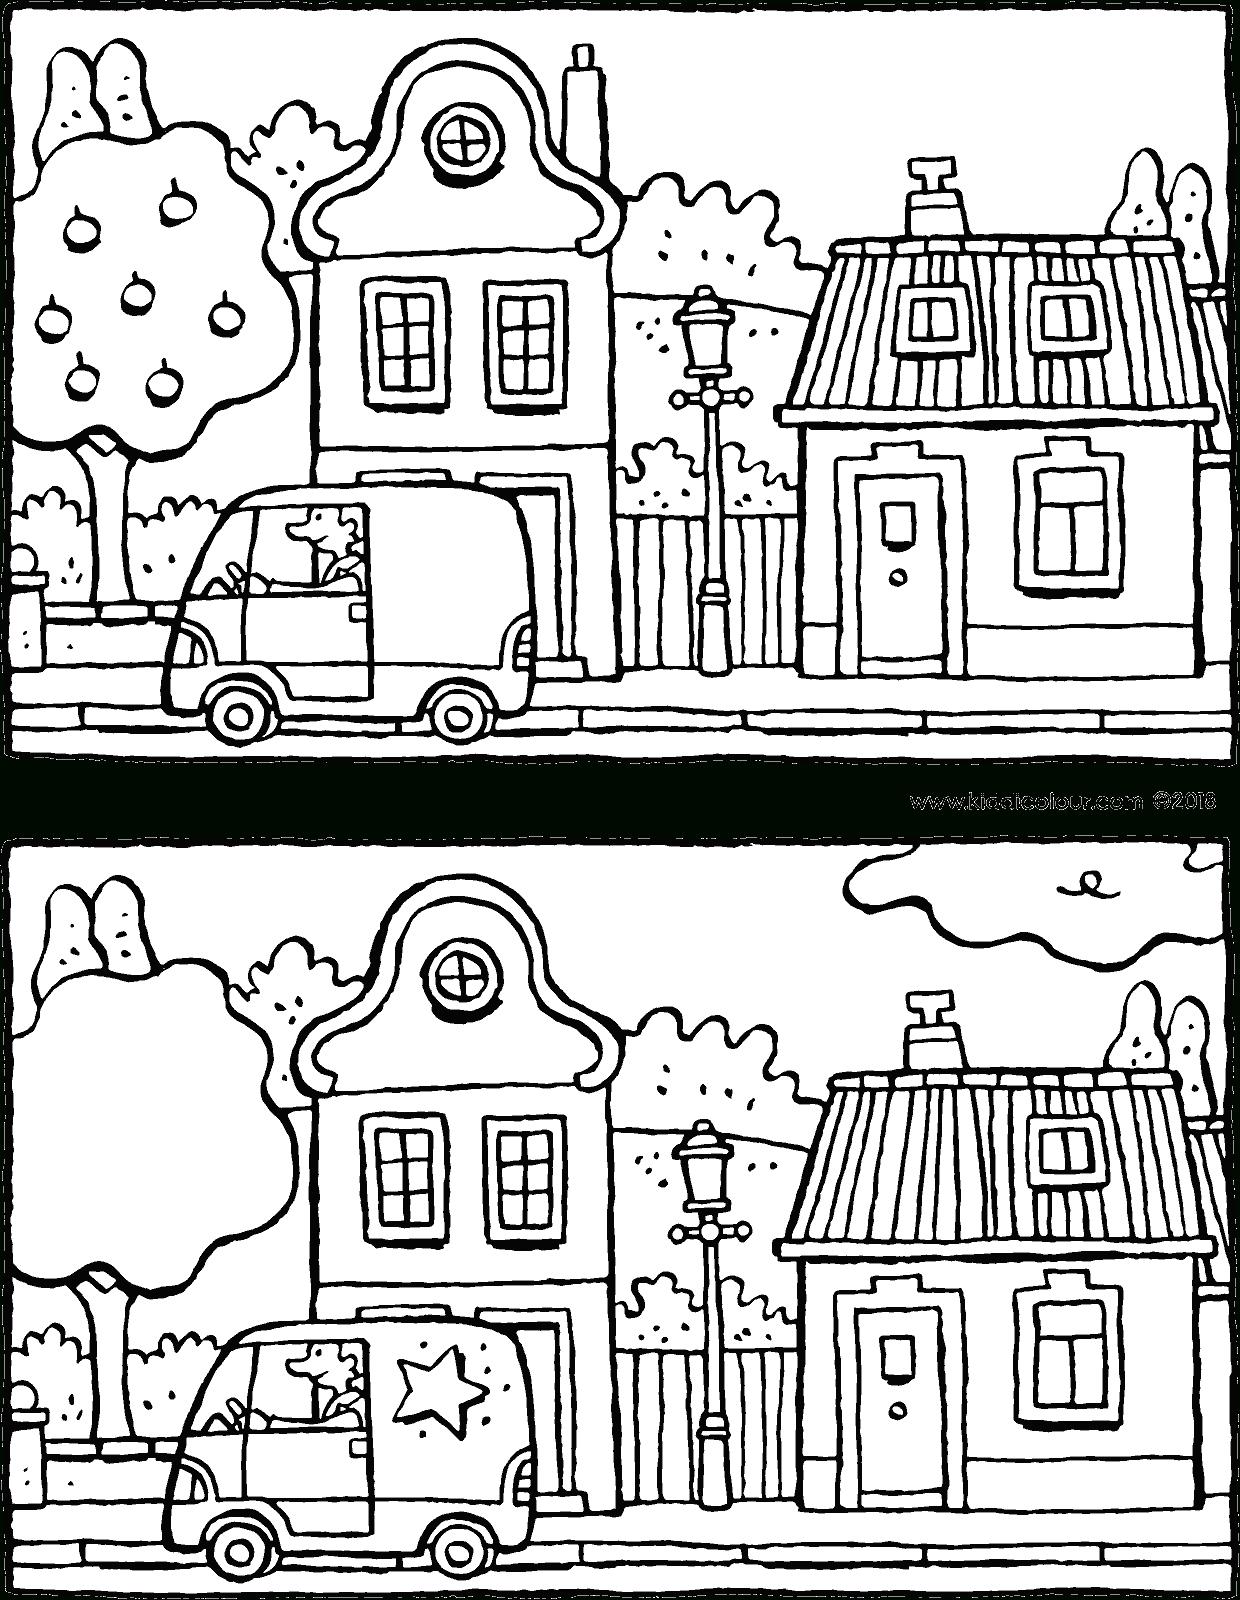 Cherche Les 5 Différences Dans Cette Rue - Kiddicoloriage à Les 5 Differences